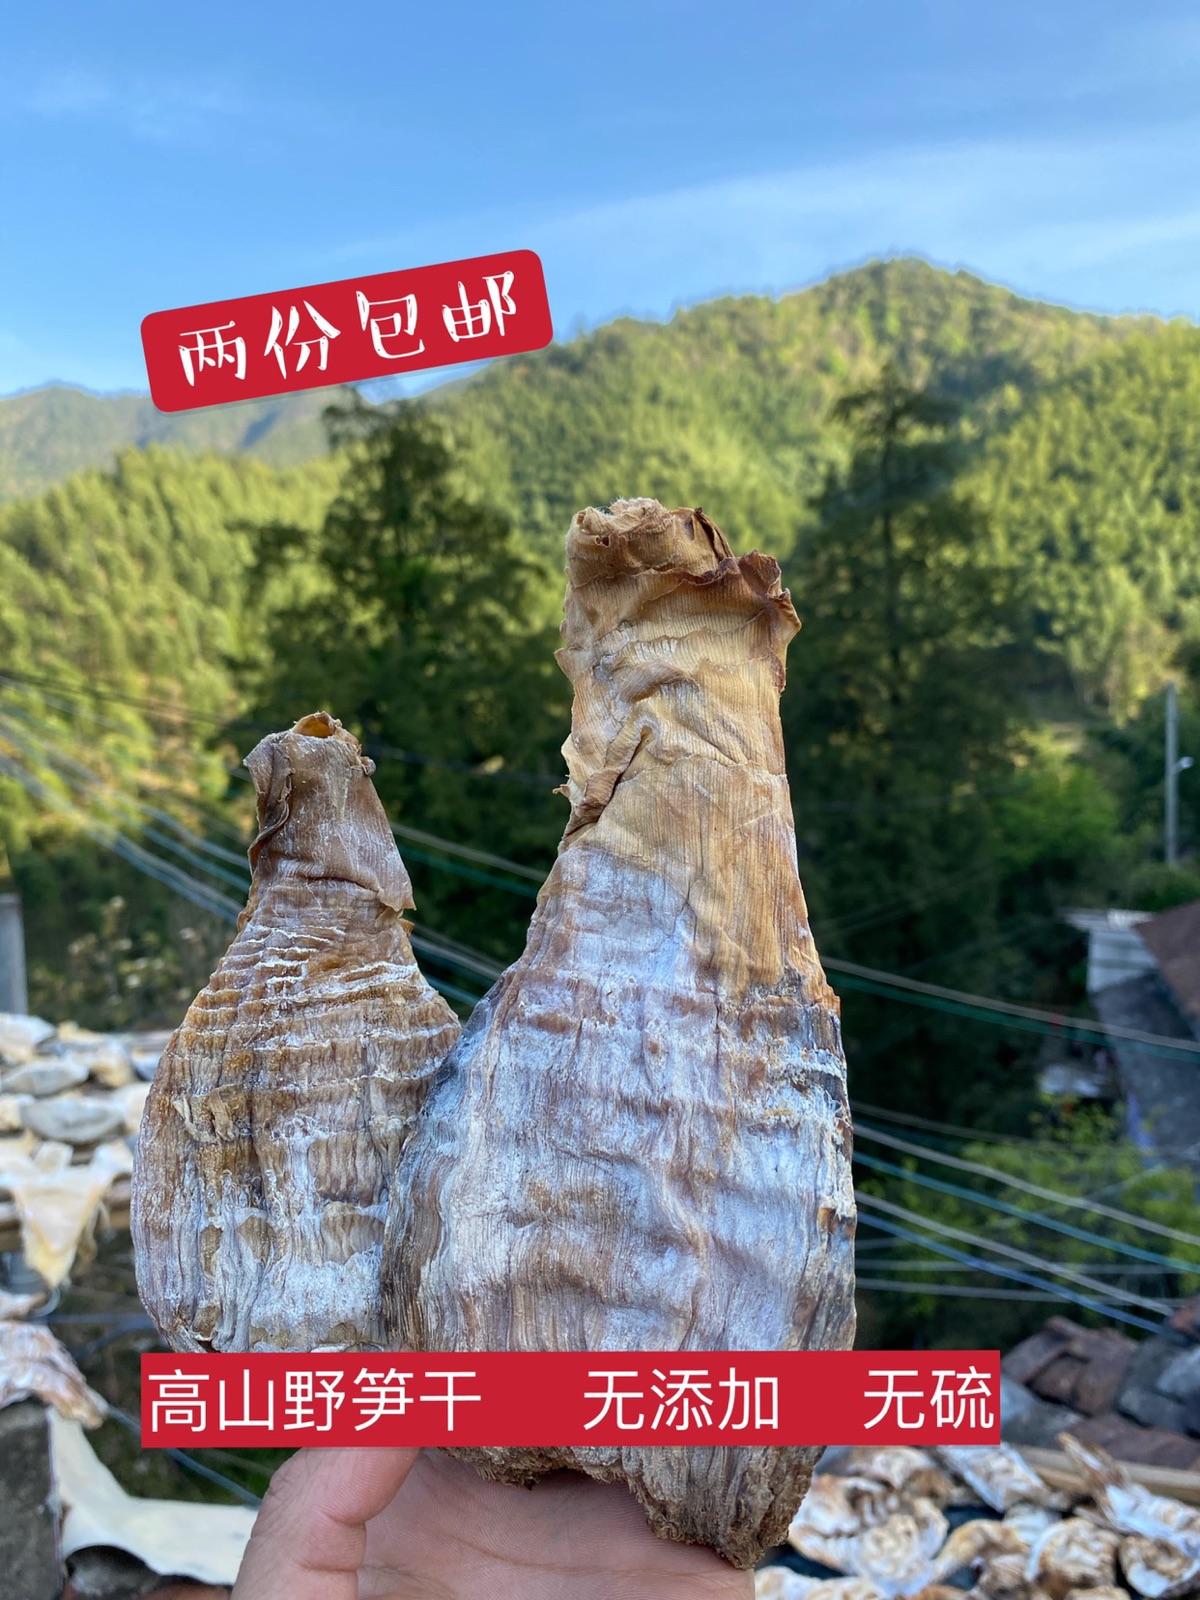 【古村竹夏】高山农家自制碳烘原生态笋干纯手工无添加新品250g装